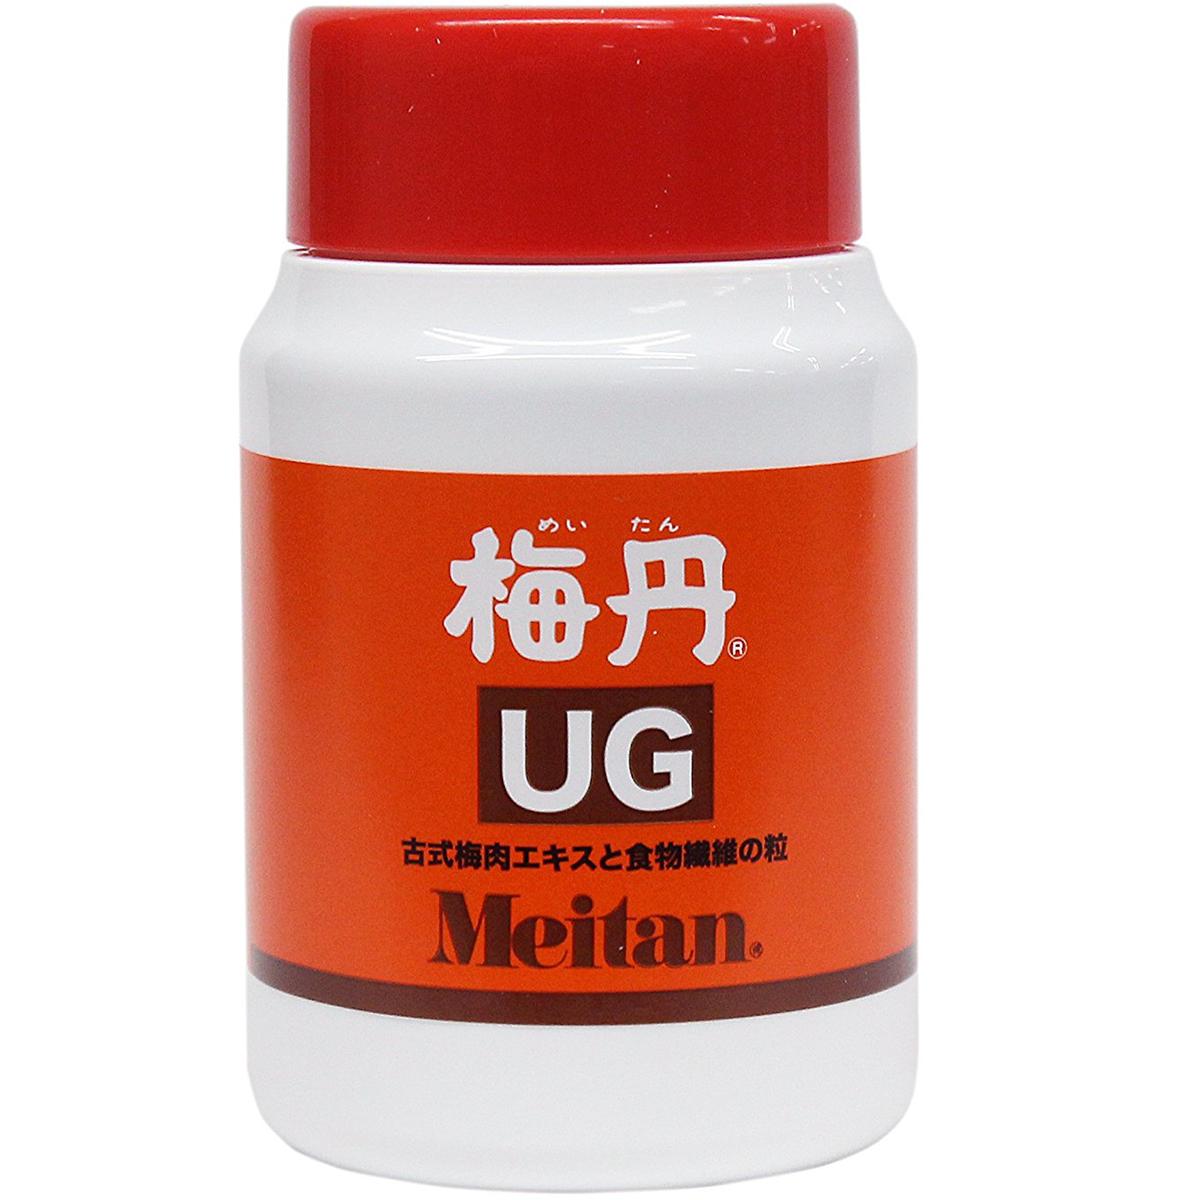 株式会社梅丹本舗 梅肉UG 180g(約720粒)入<古式梅丹エキス+食物繊維>